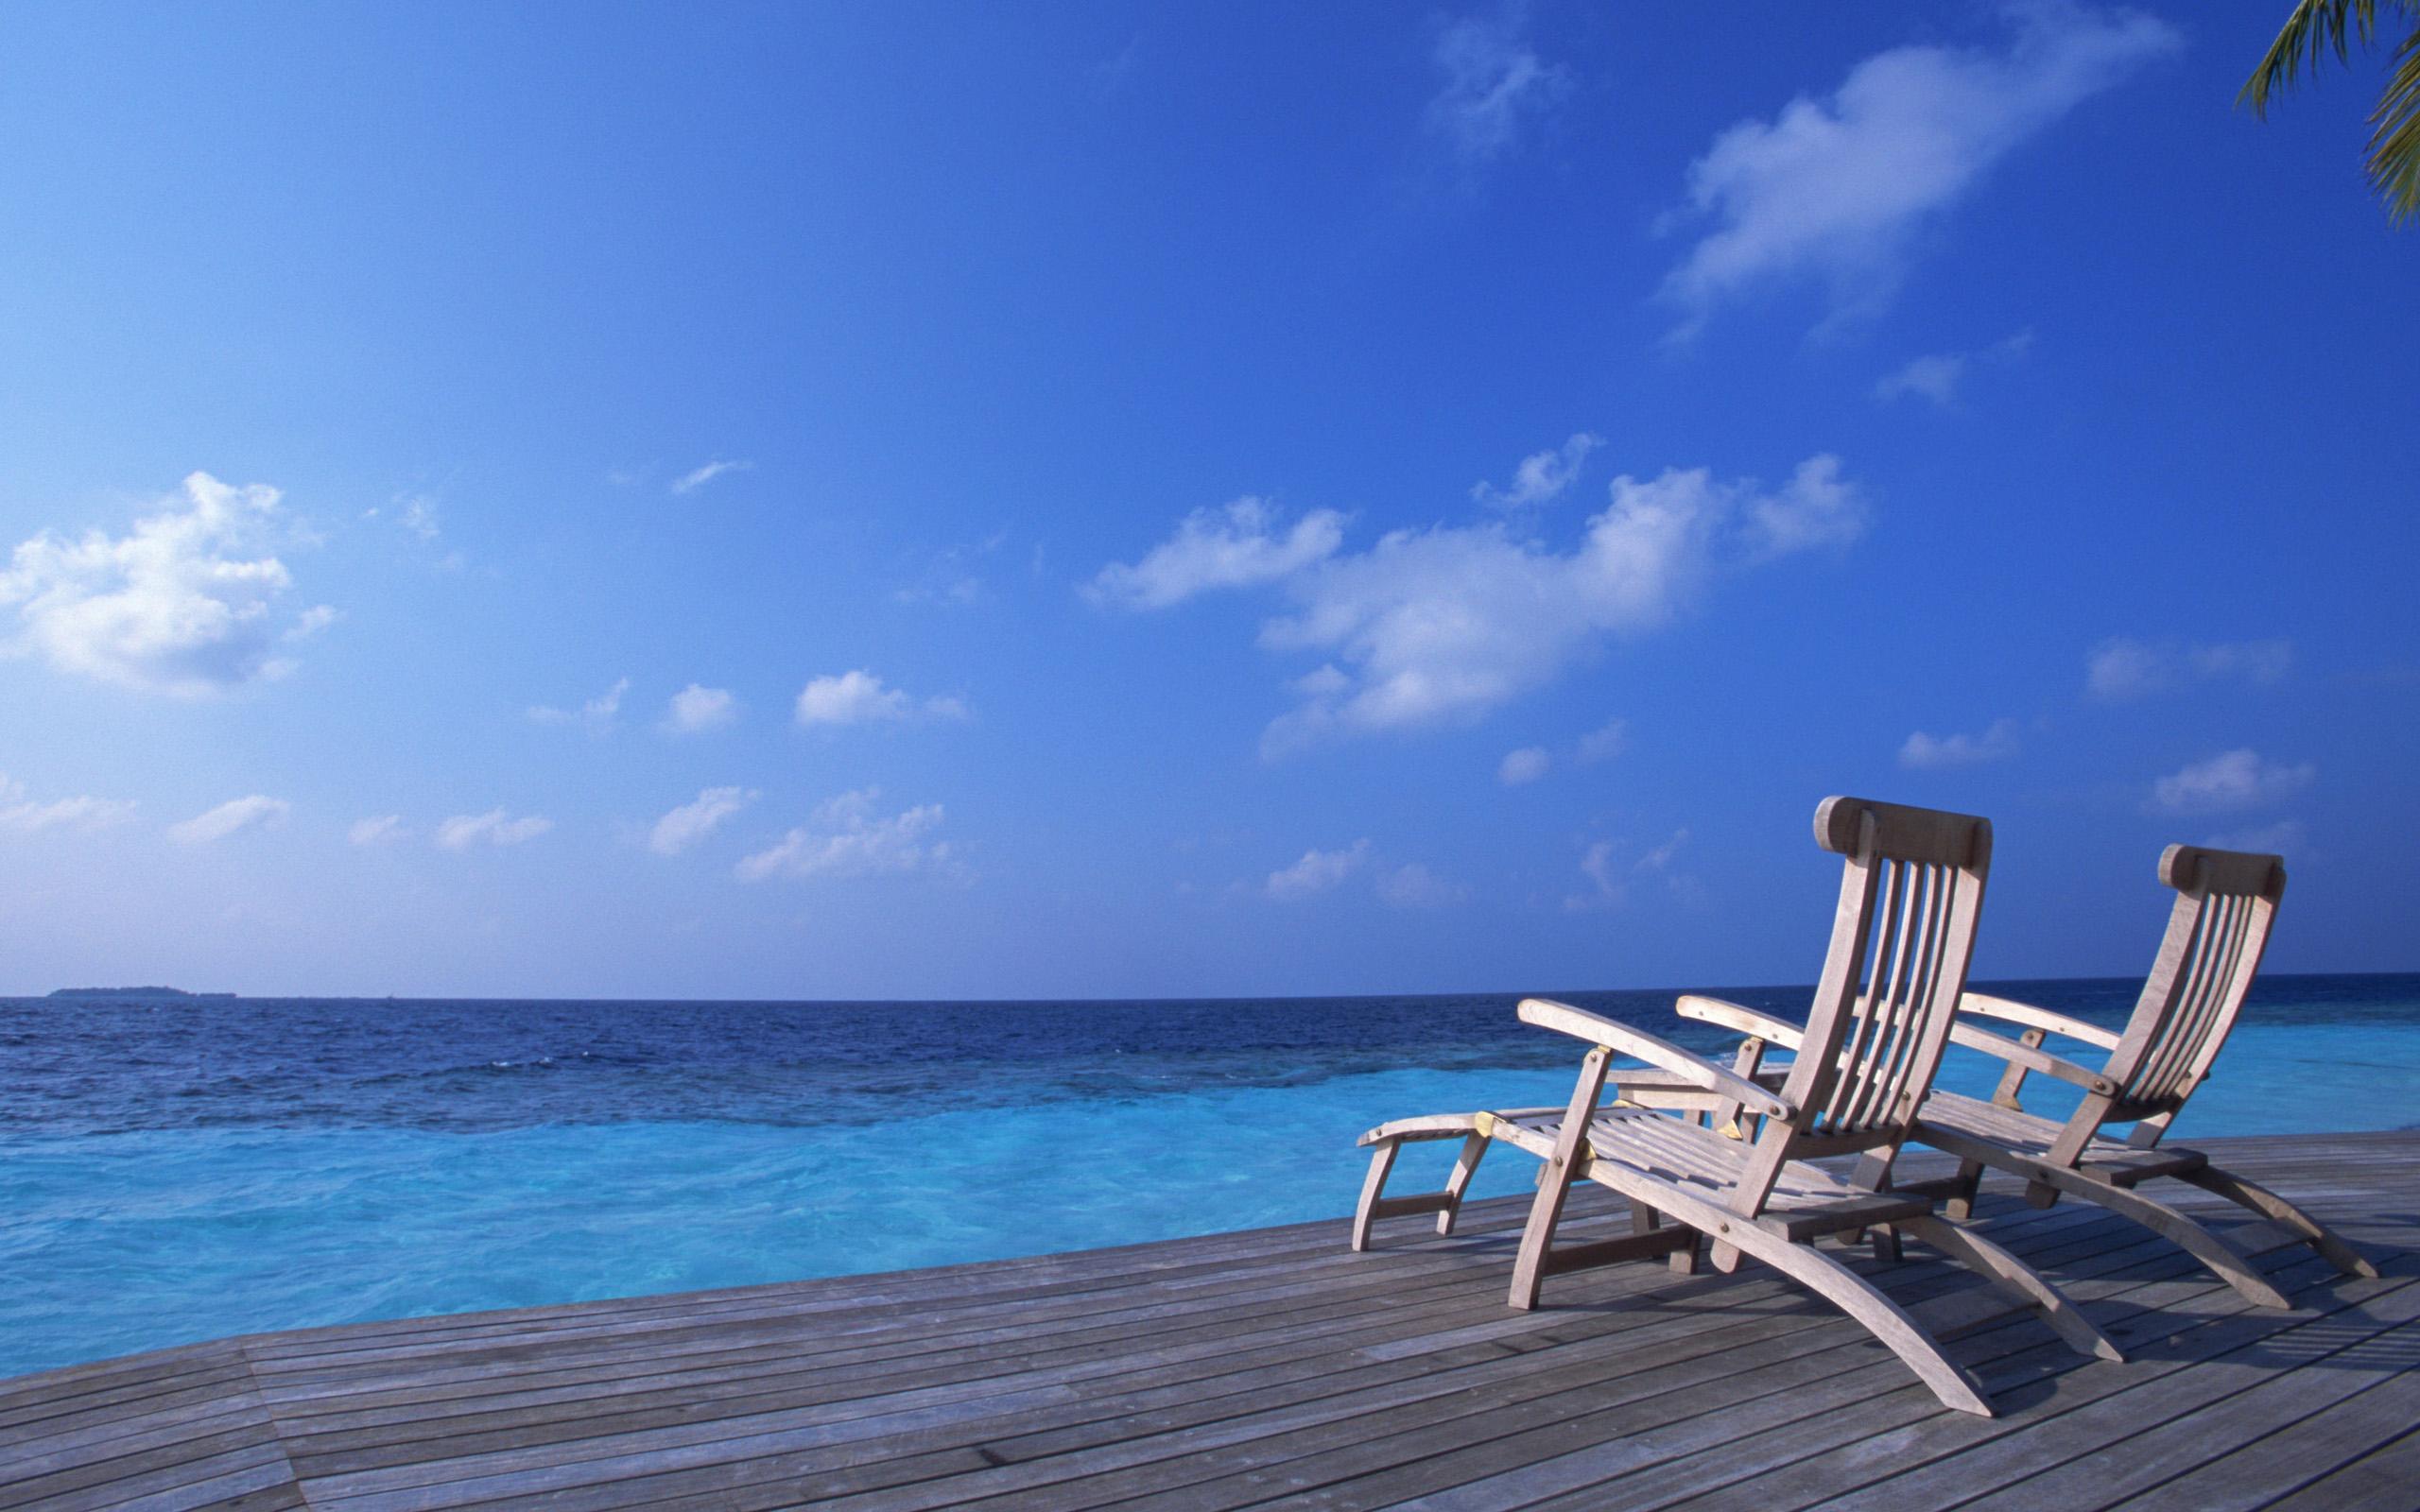 Ocean Wallpaper Desktop Images amp Pictures   Becuo 2560x1600